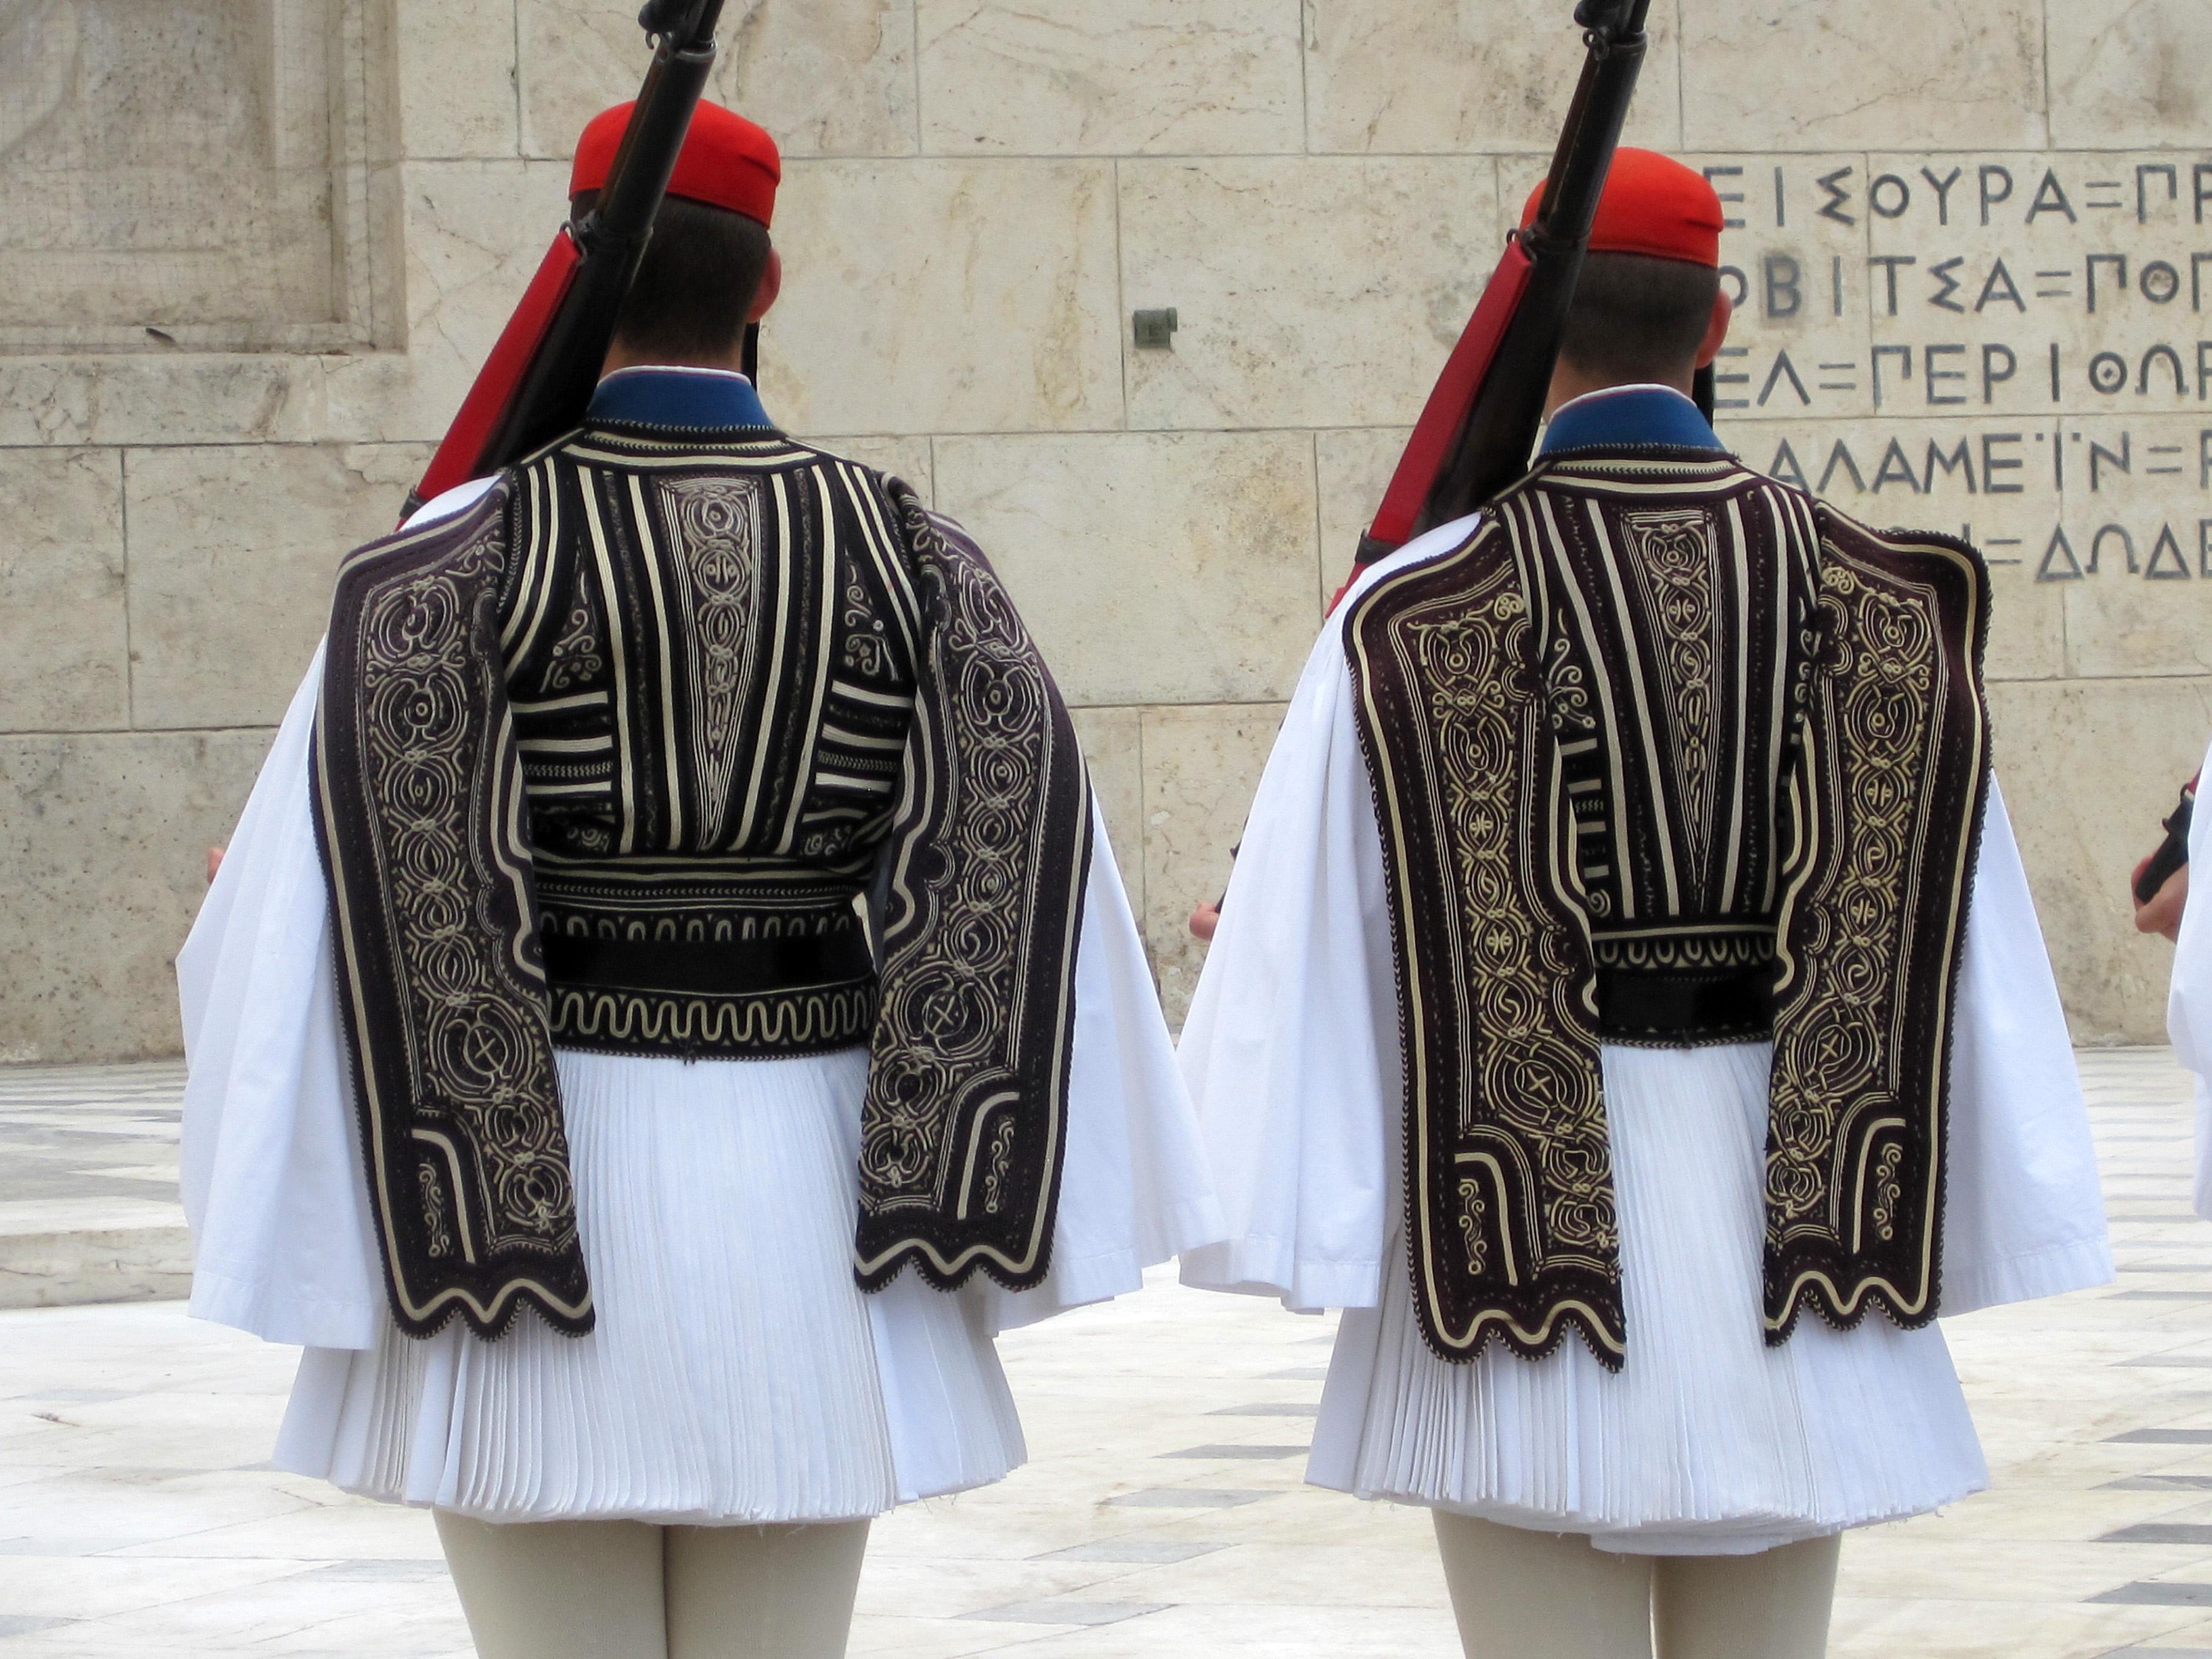 Greek soldier uniform